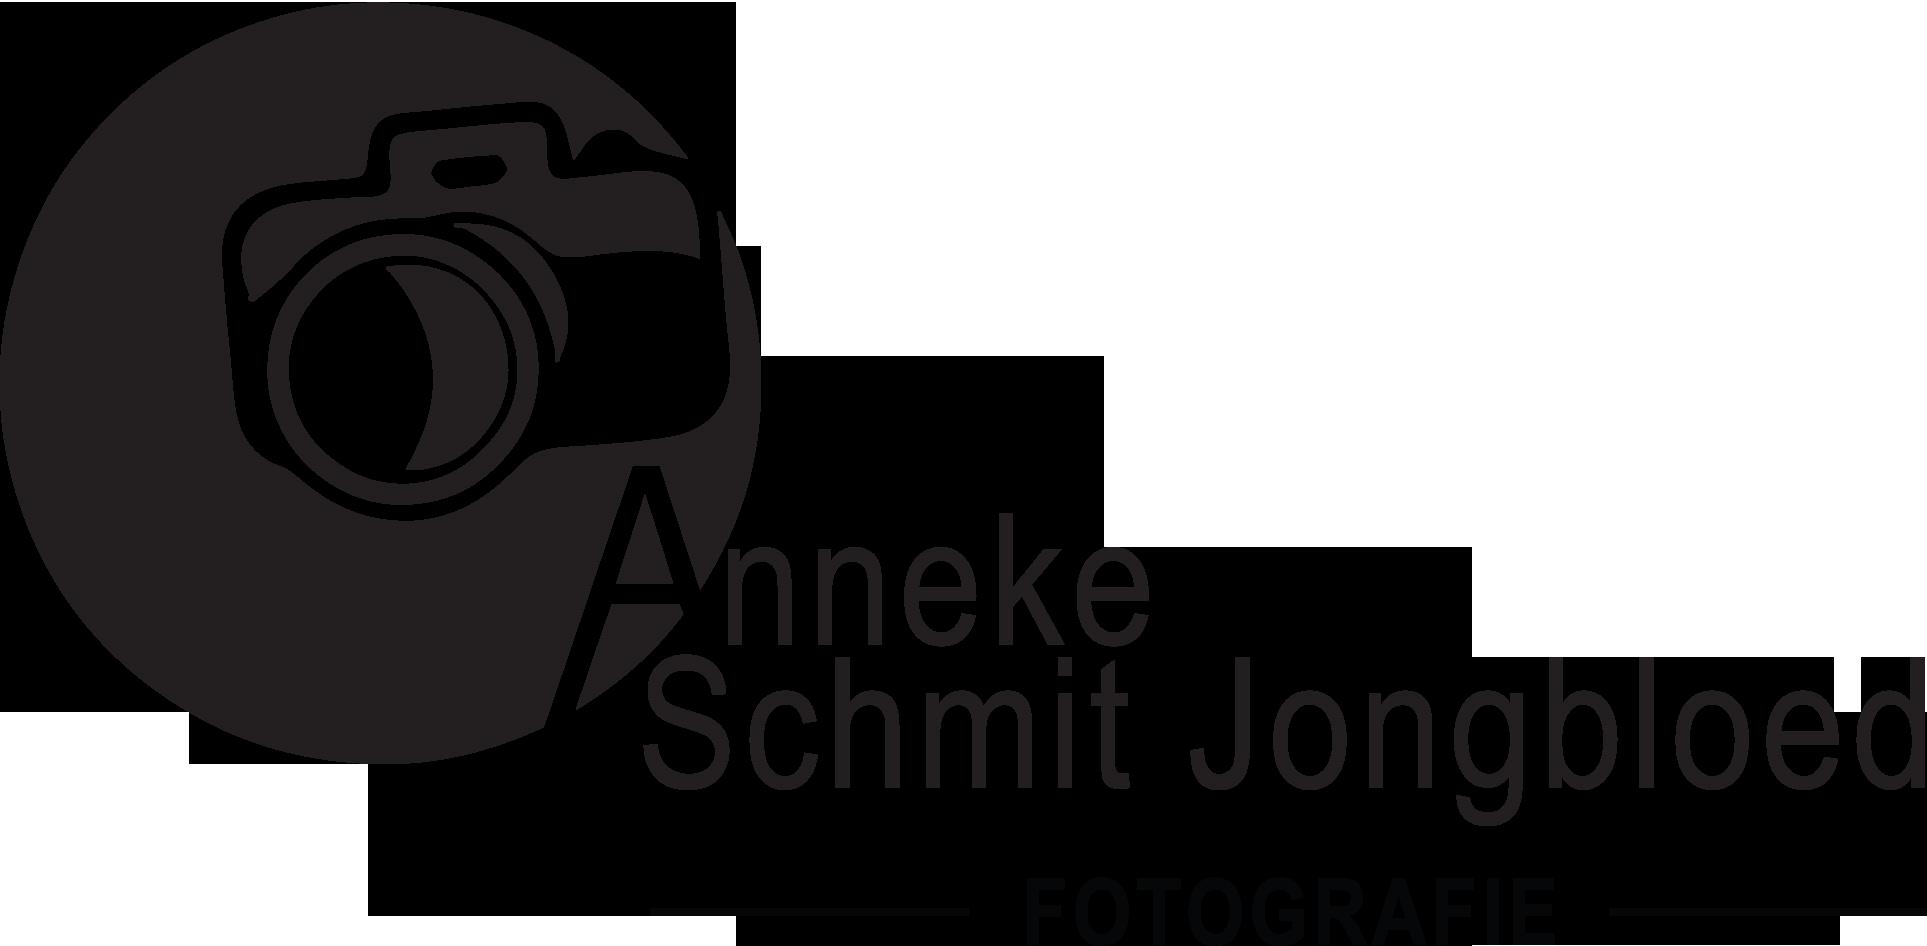 Anneke Jongbload Fotografie